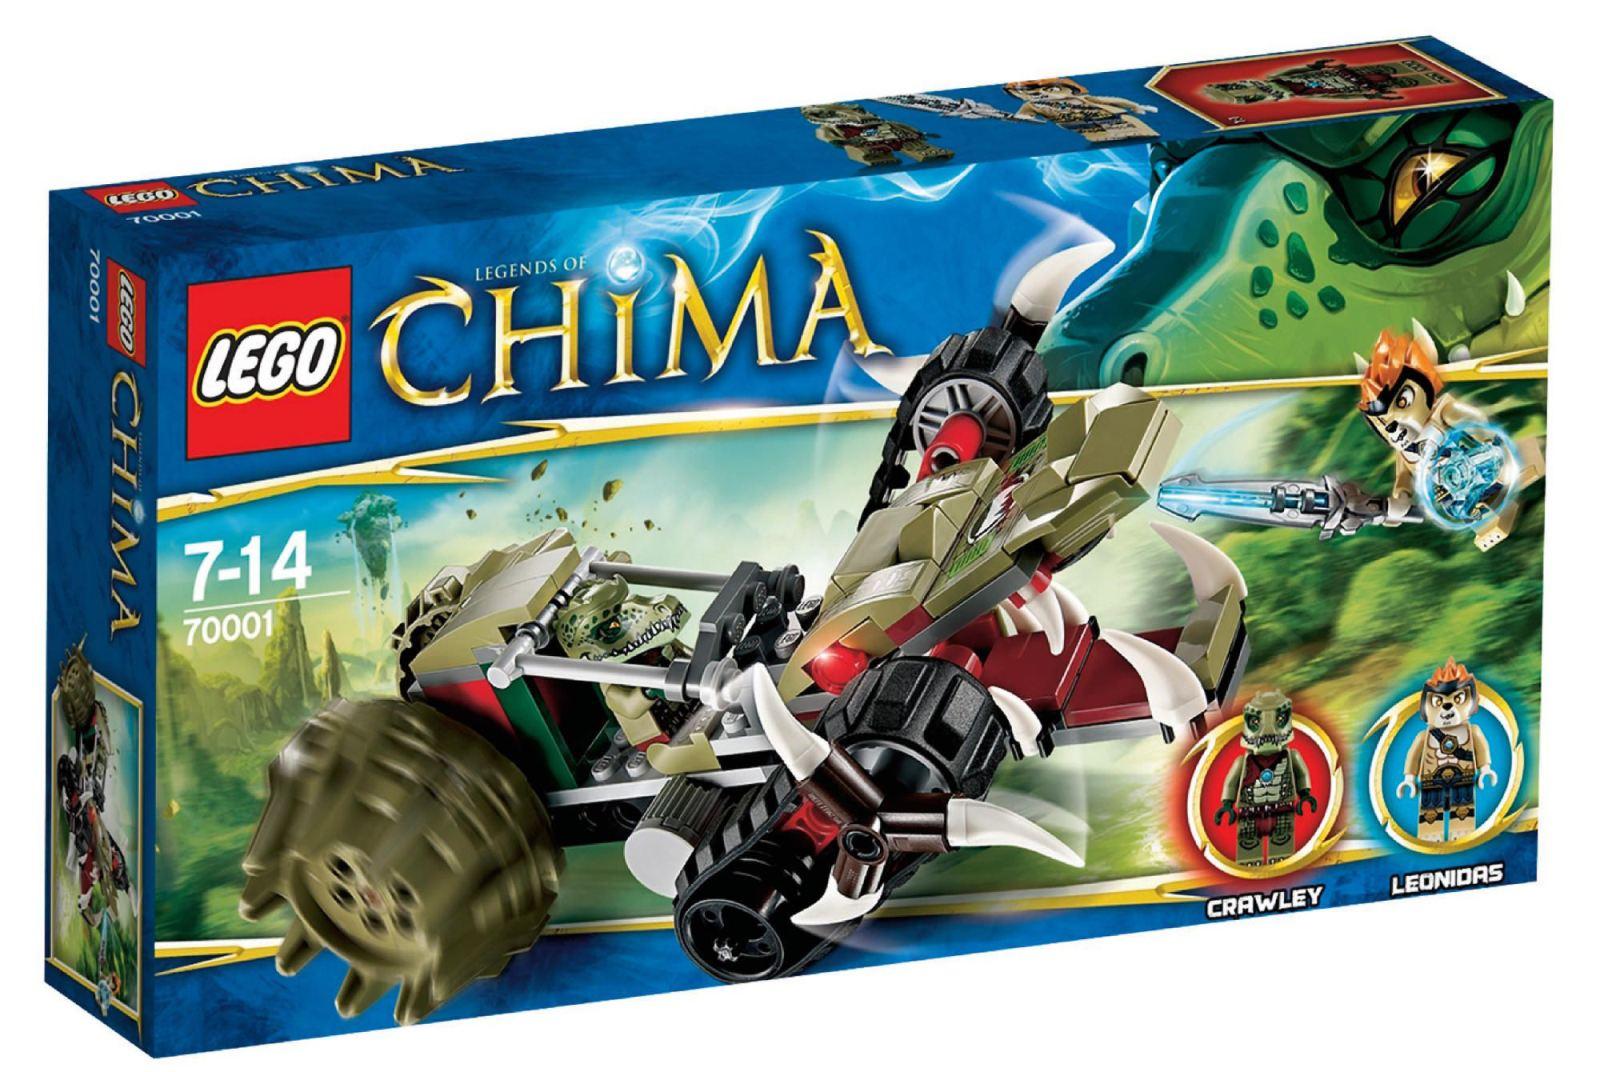 Đồ chơi xếp hình LEGO 70001